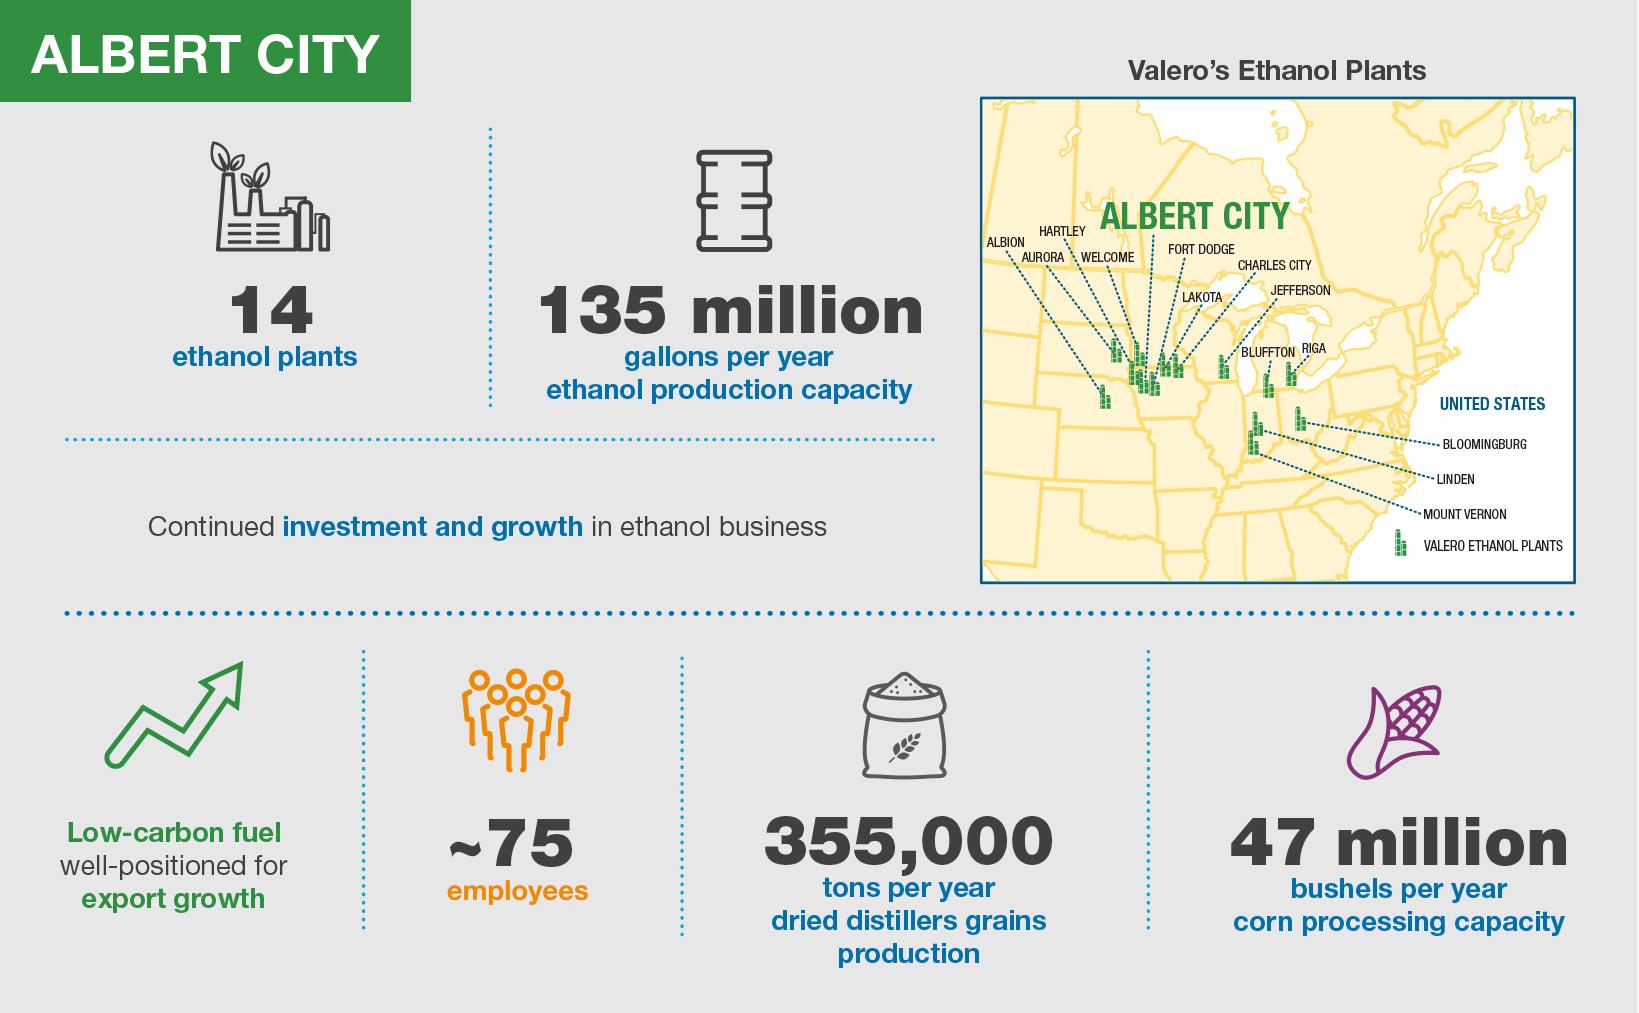 Valero Albert City Ethatnol Plant Infographic